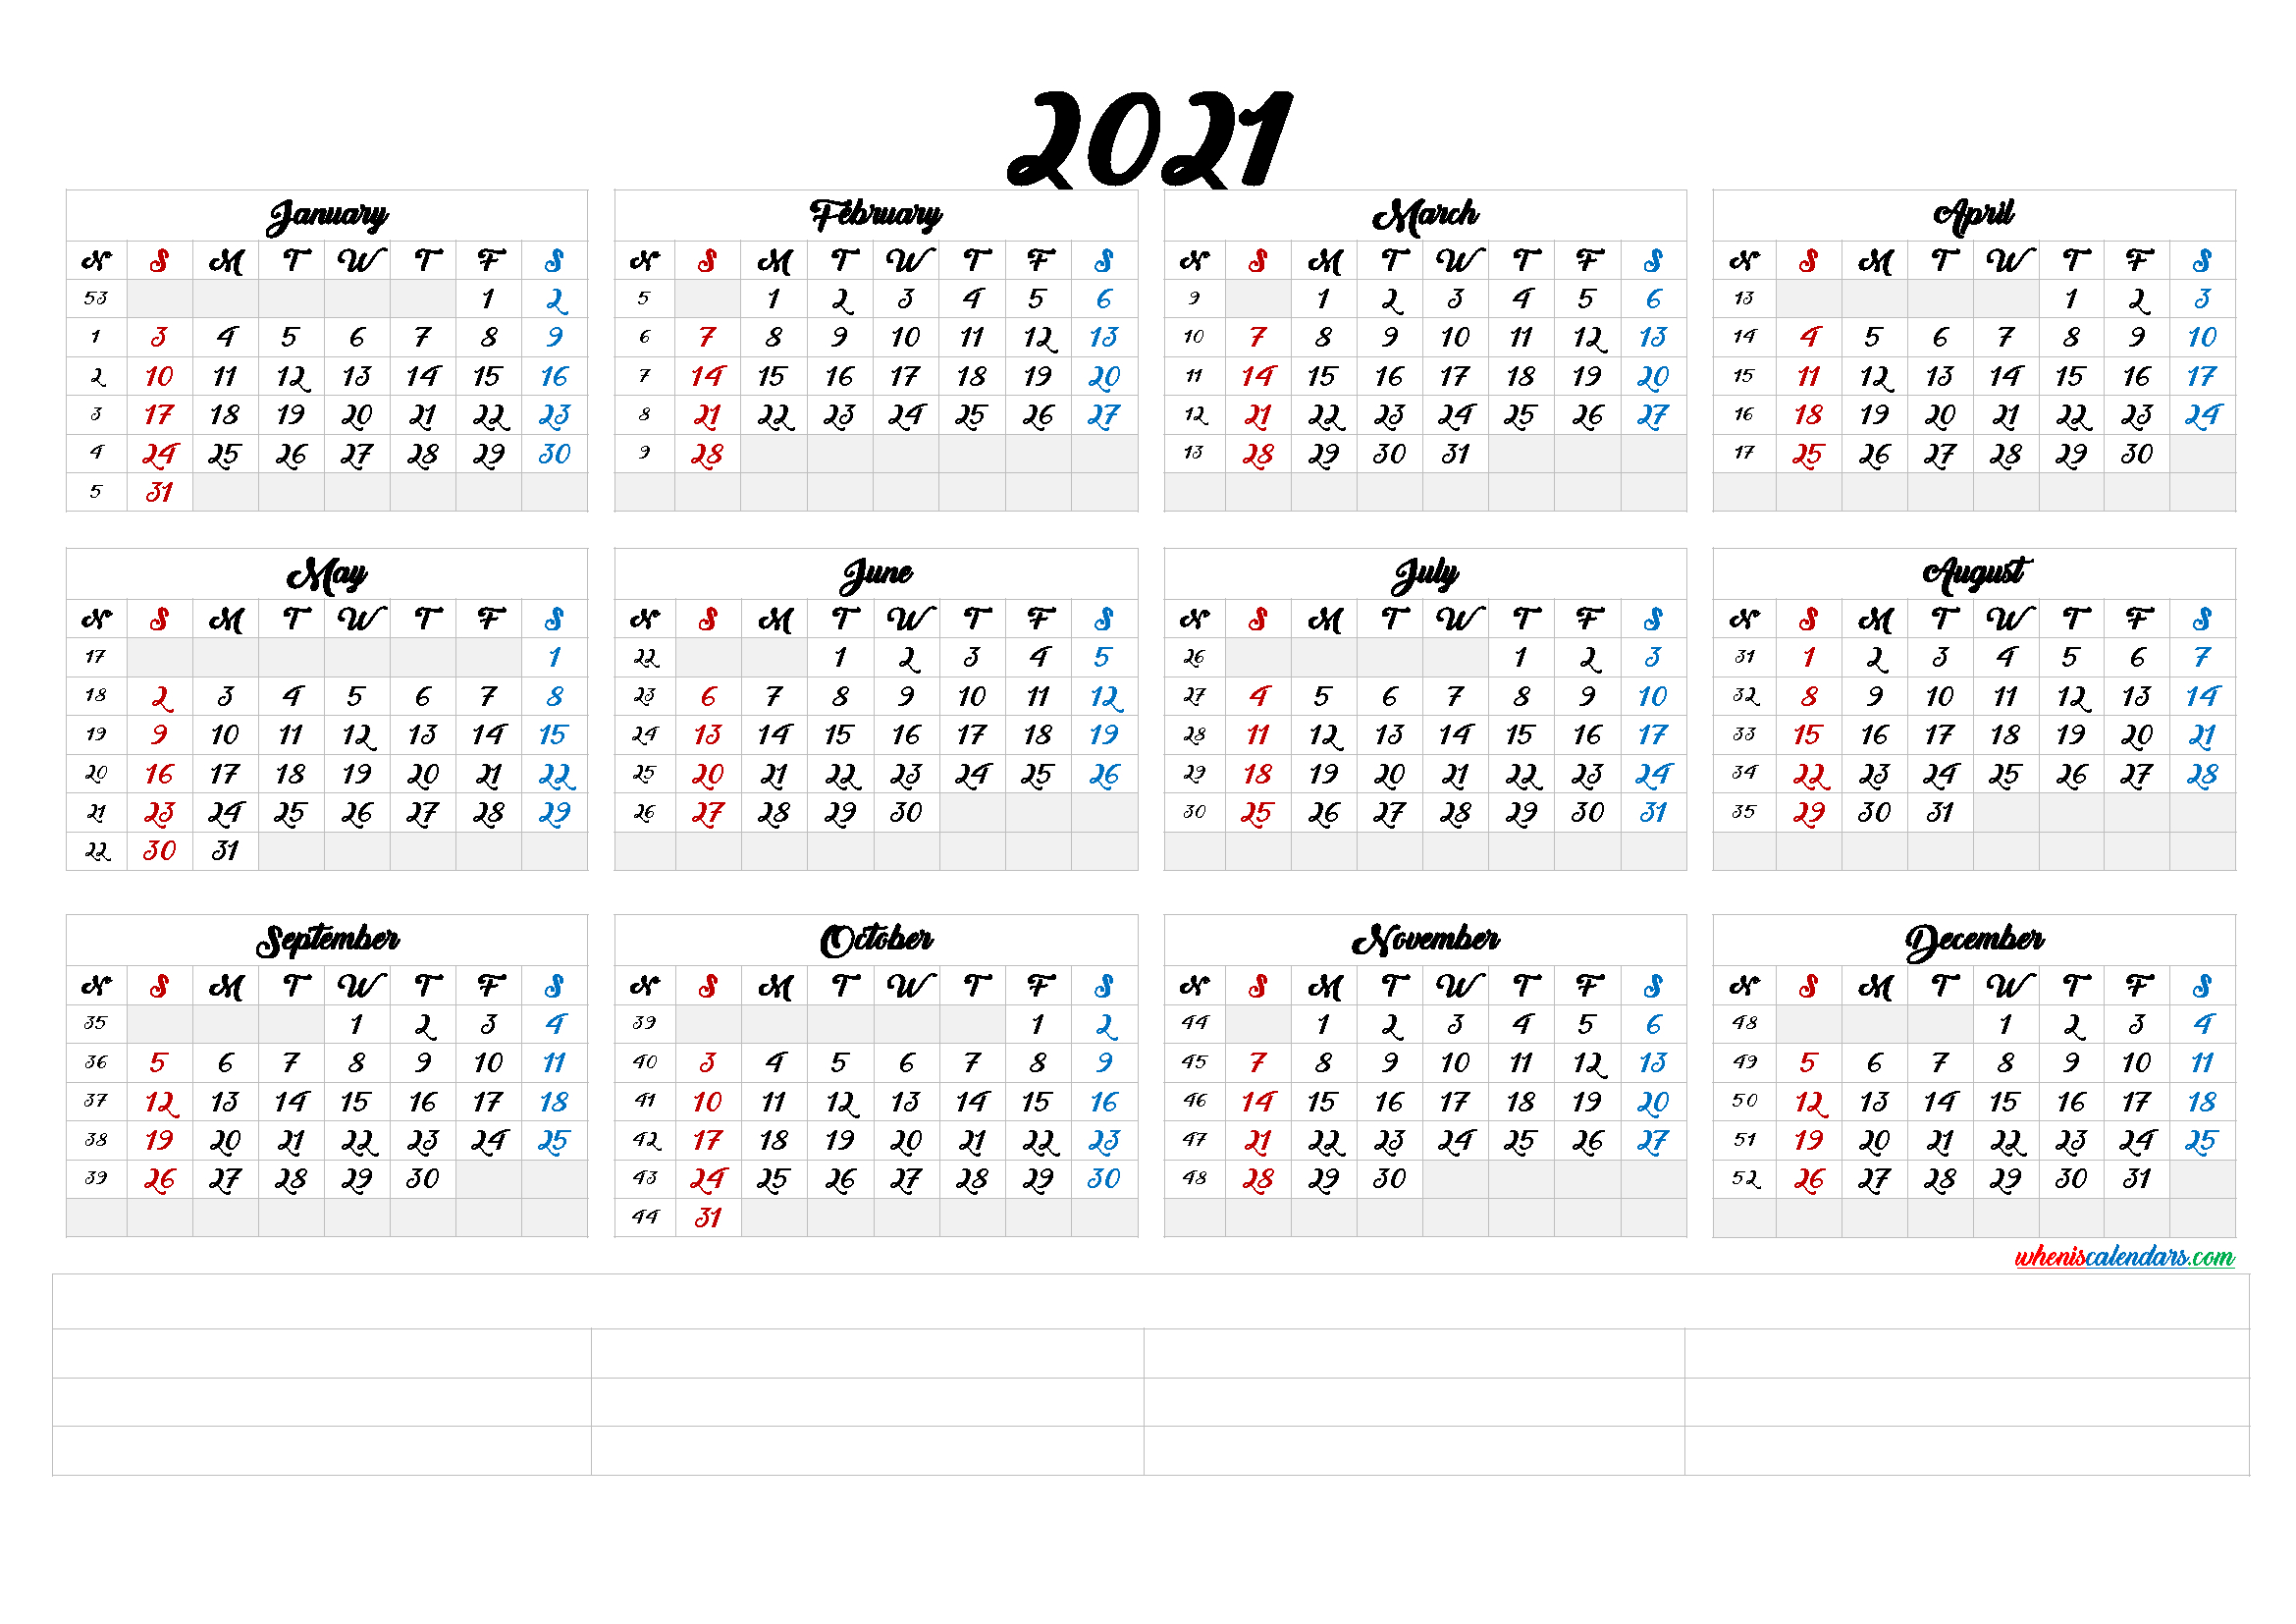 2021 Calendar With Week Number Printable Free : 2021